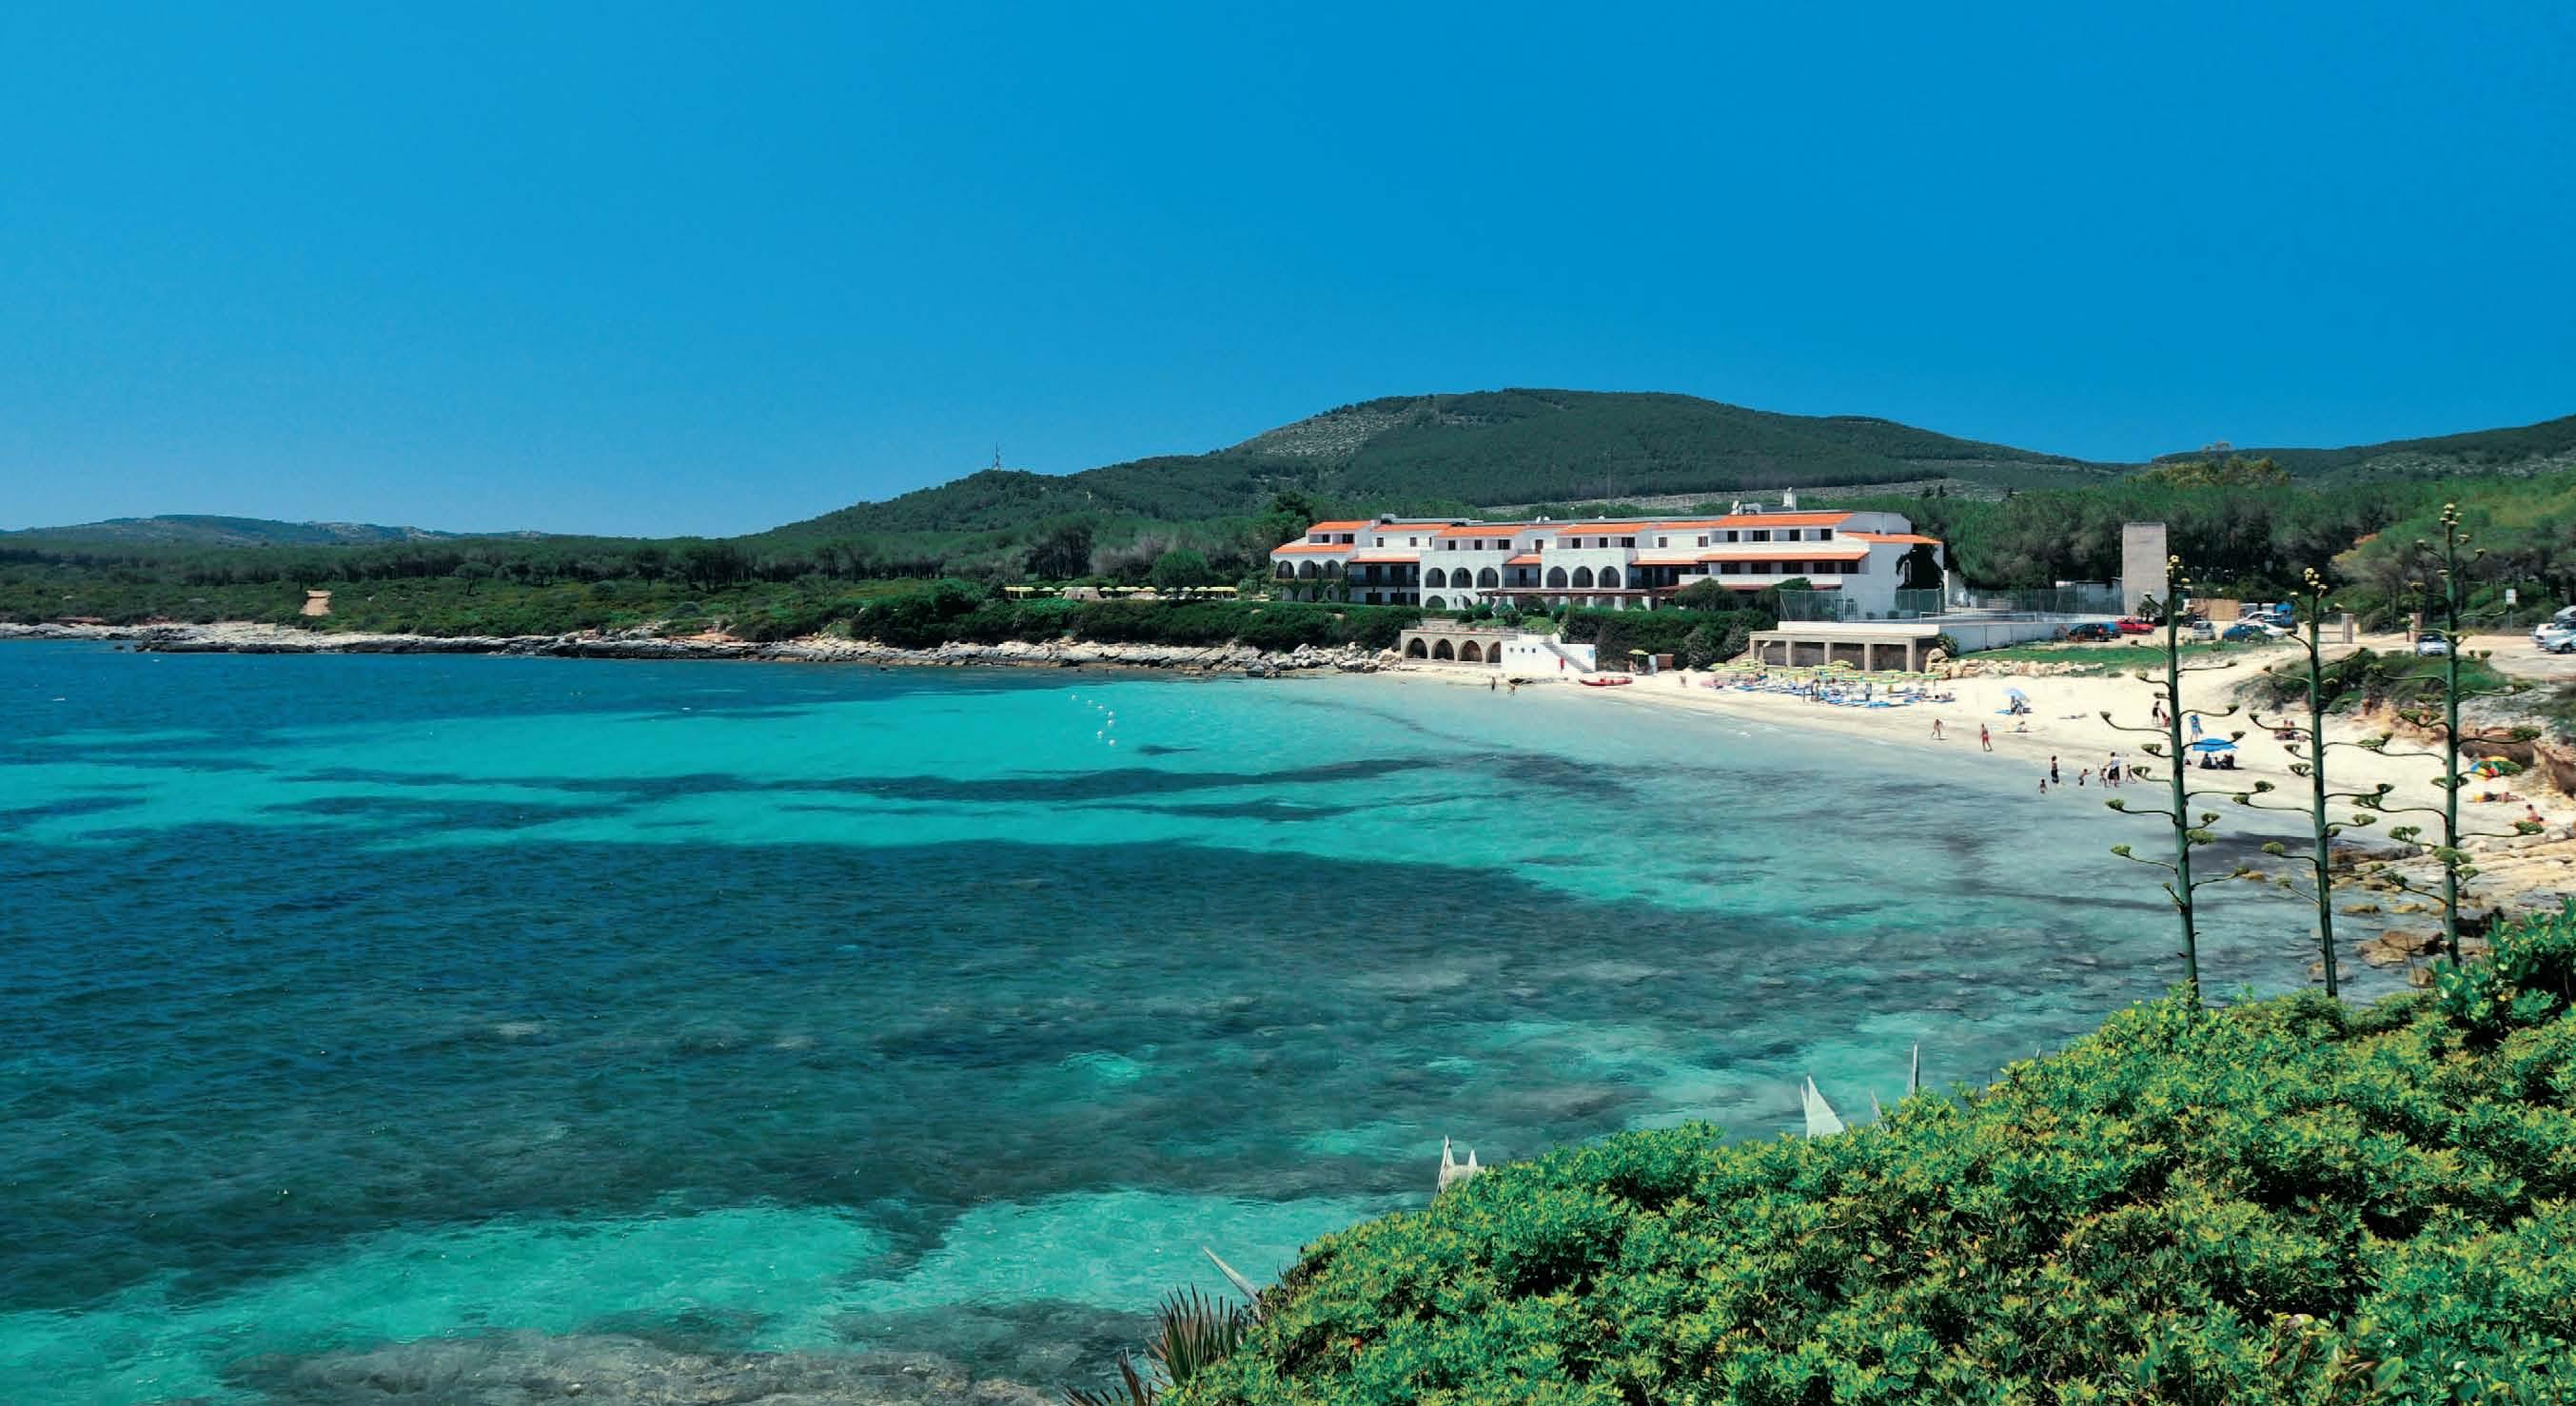 Spiaggia Punta Negra - Fertilia - Alghero